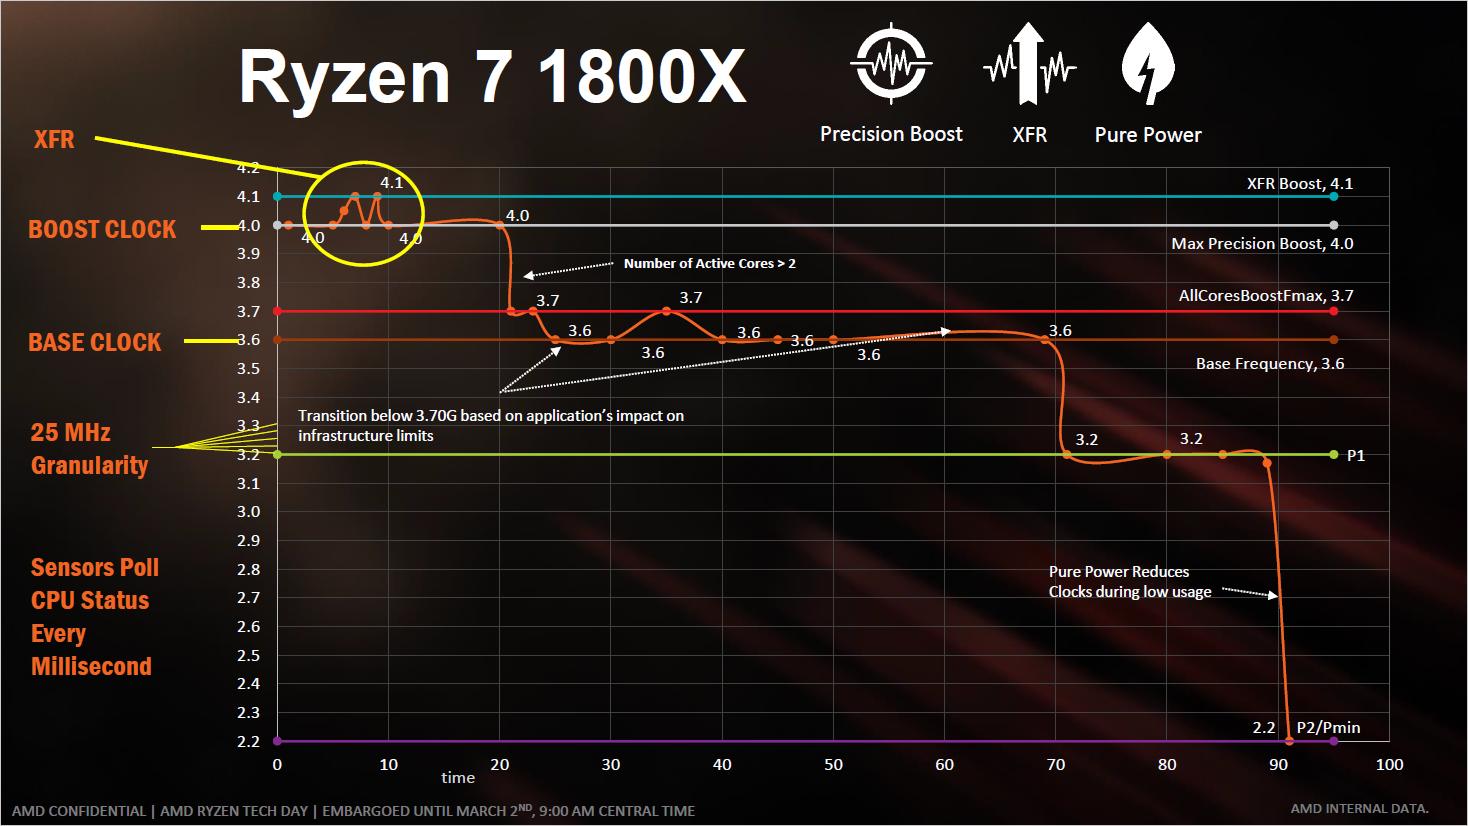 """Ryzen 7 1800X im Test: """"AMD ist endlich zurück"""" - XFR ist ein erweiterter Singlecore-Boost. (Bild: AMD)"""